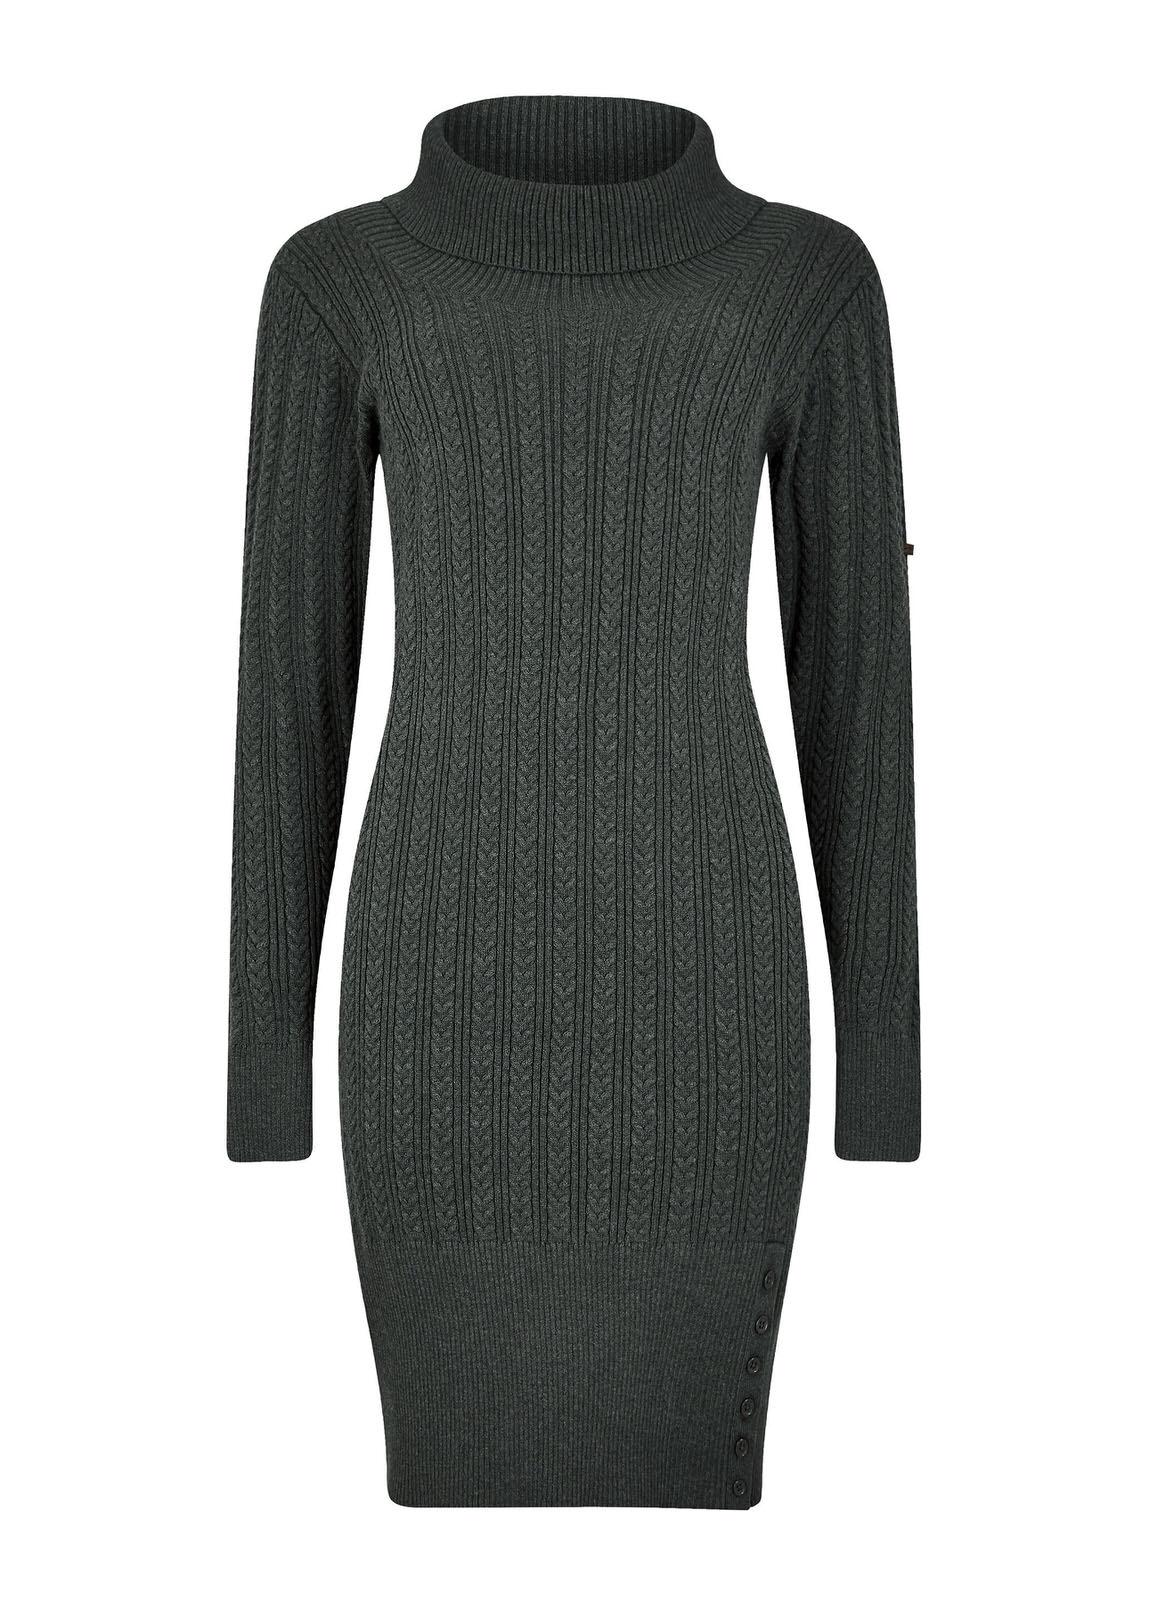 Westport_Sweater_dress_Verdigris_Image_1